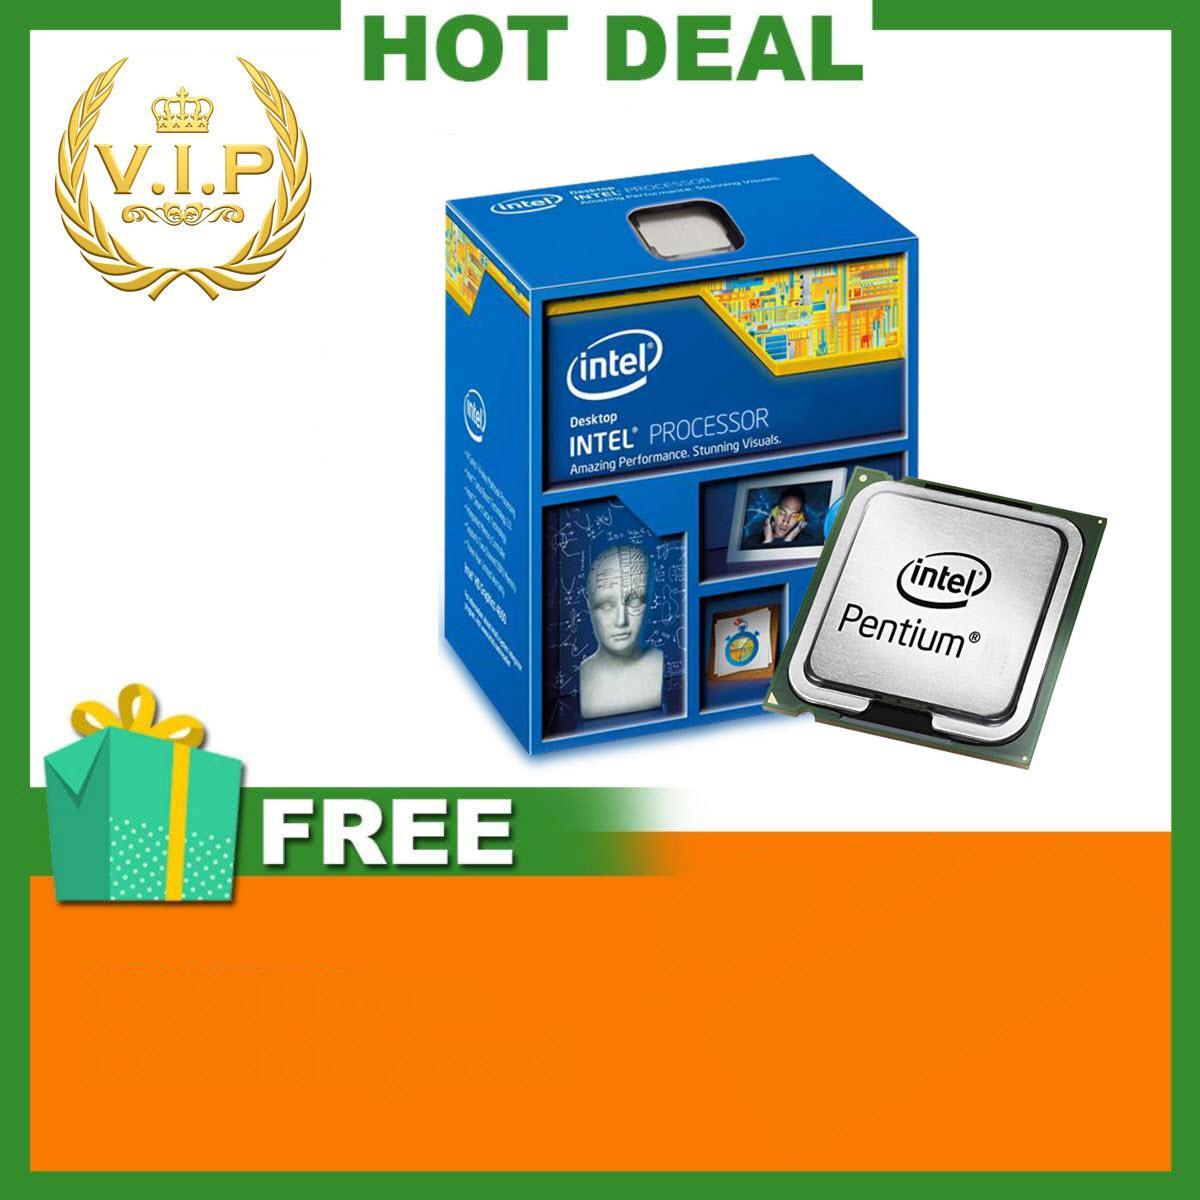 Vi xử lý Intel CPU Celeron G1840 (2 lõi- 2 Luồng) Chất Lượng Tốt- Hàng Nhập Khẩu